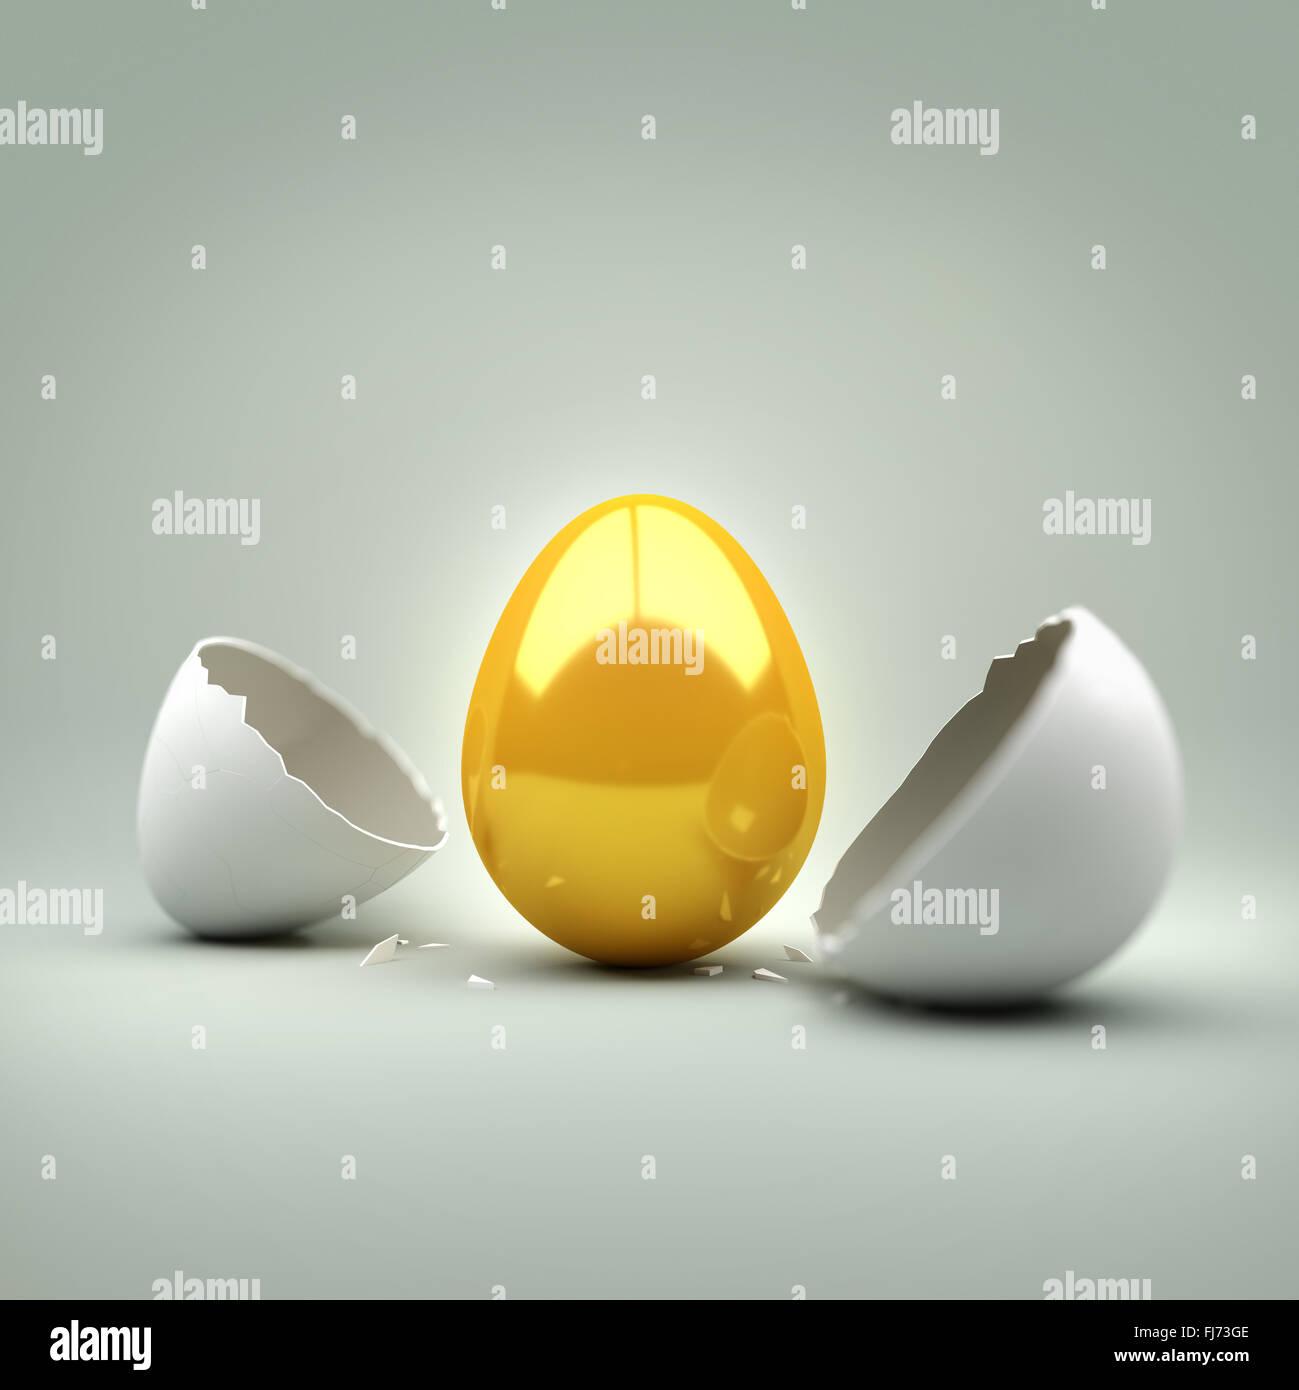 New Golden Egg. Un œuf craquelé révélant un nouvel œuf d'or. Concept. Photo Stock